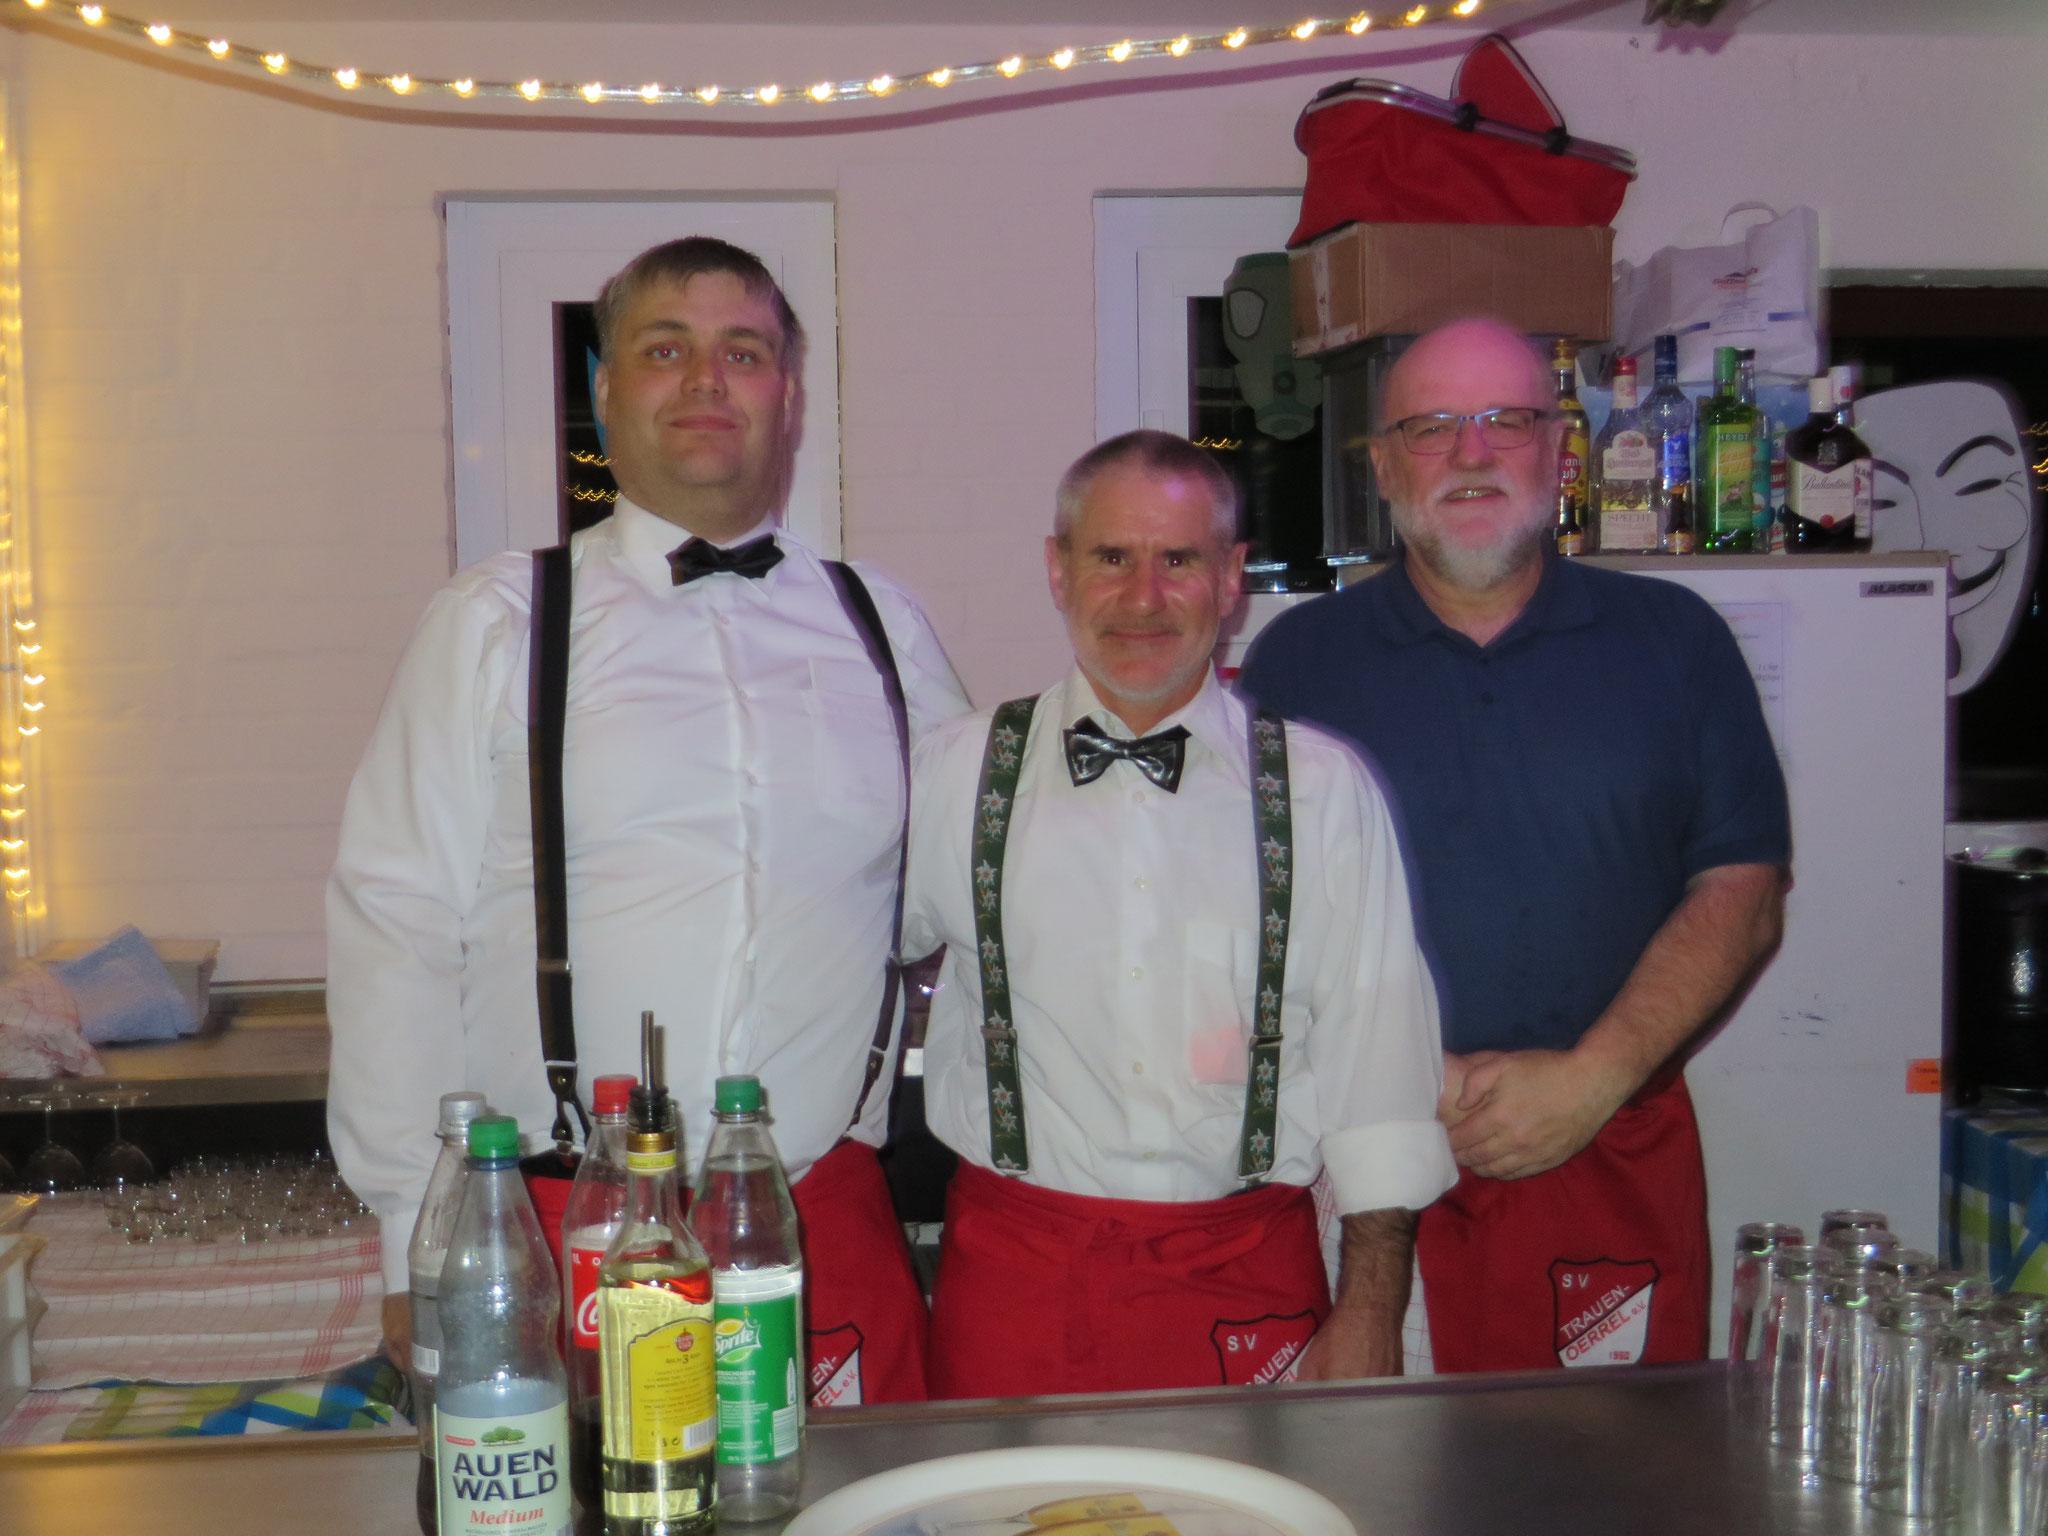 Unser Team am Tresen (Dennis Vandreike, Peter Greisinger und Reimund Jochheim)